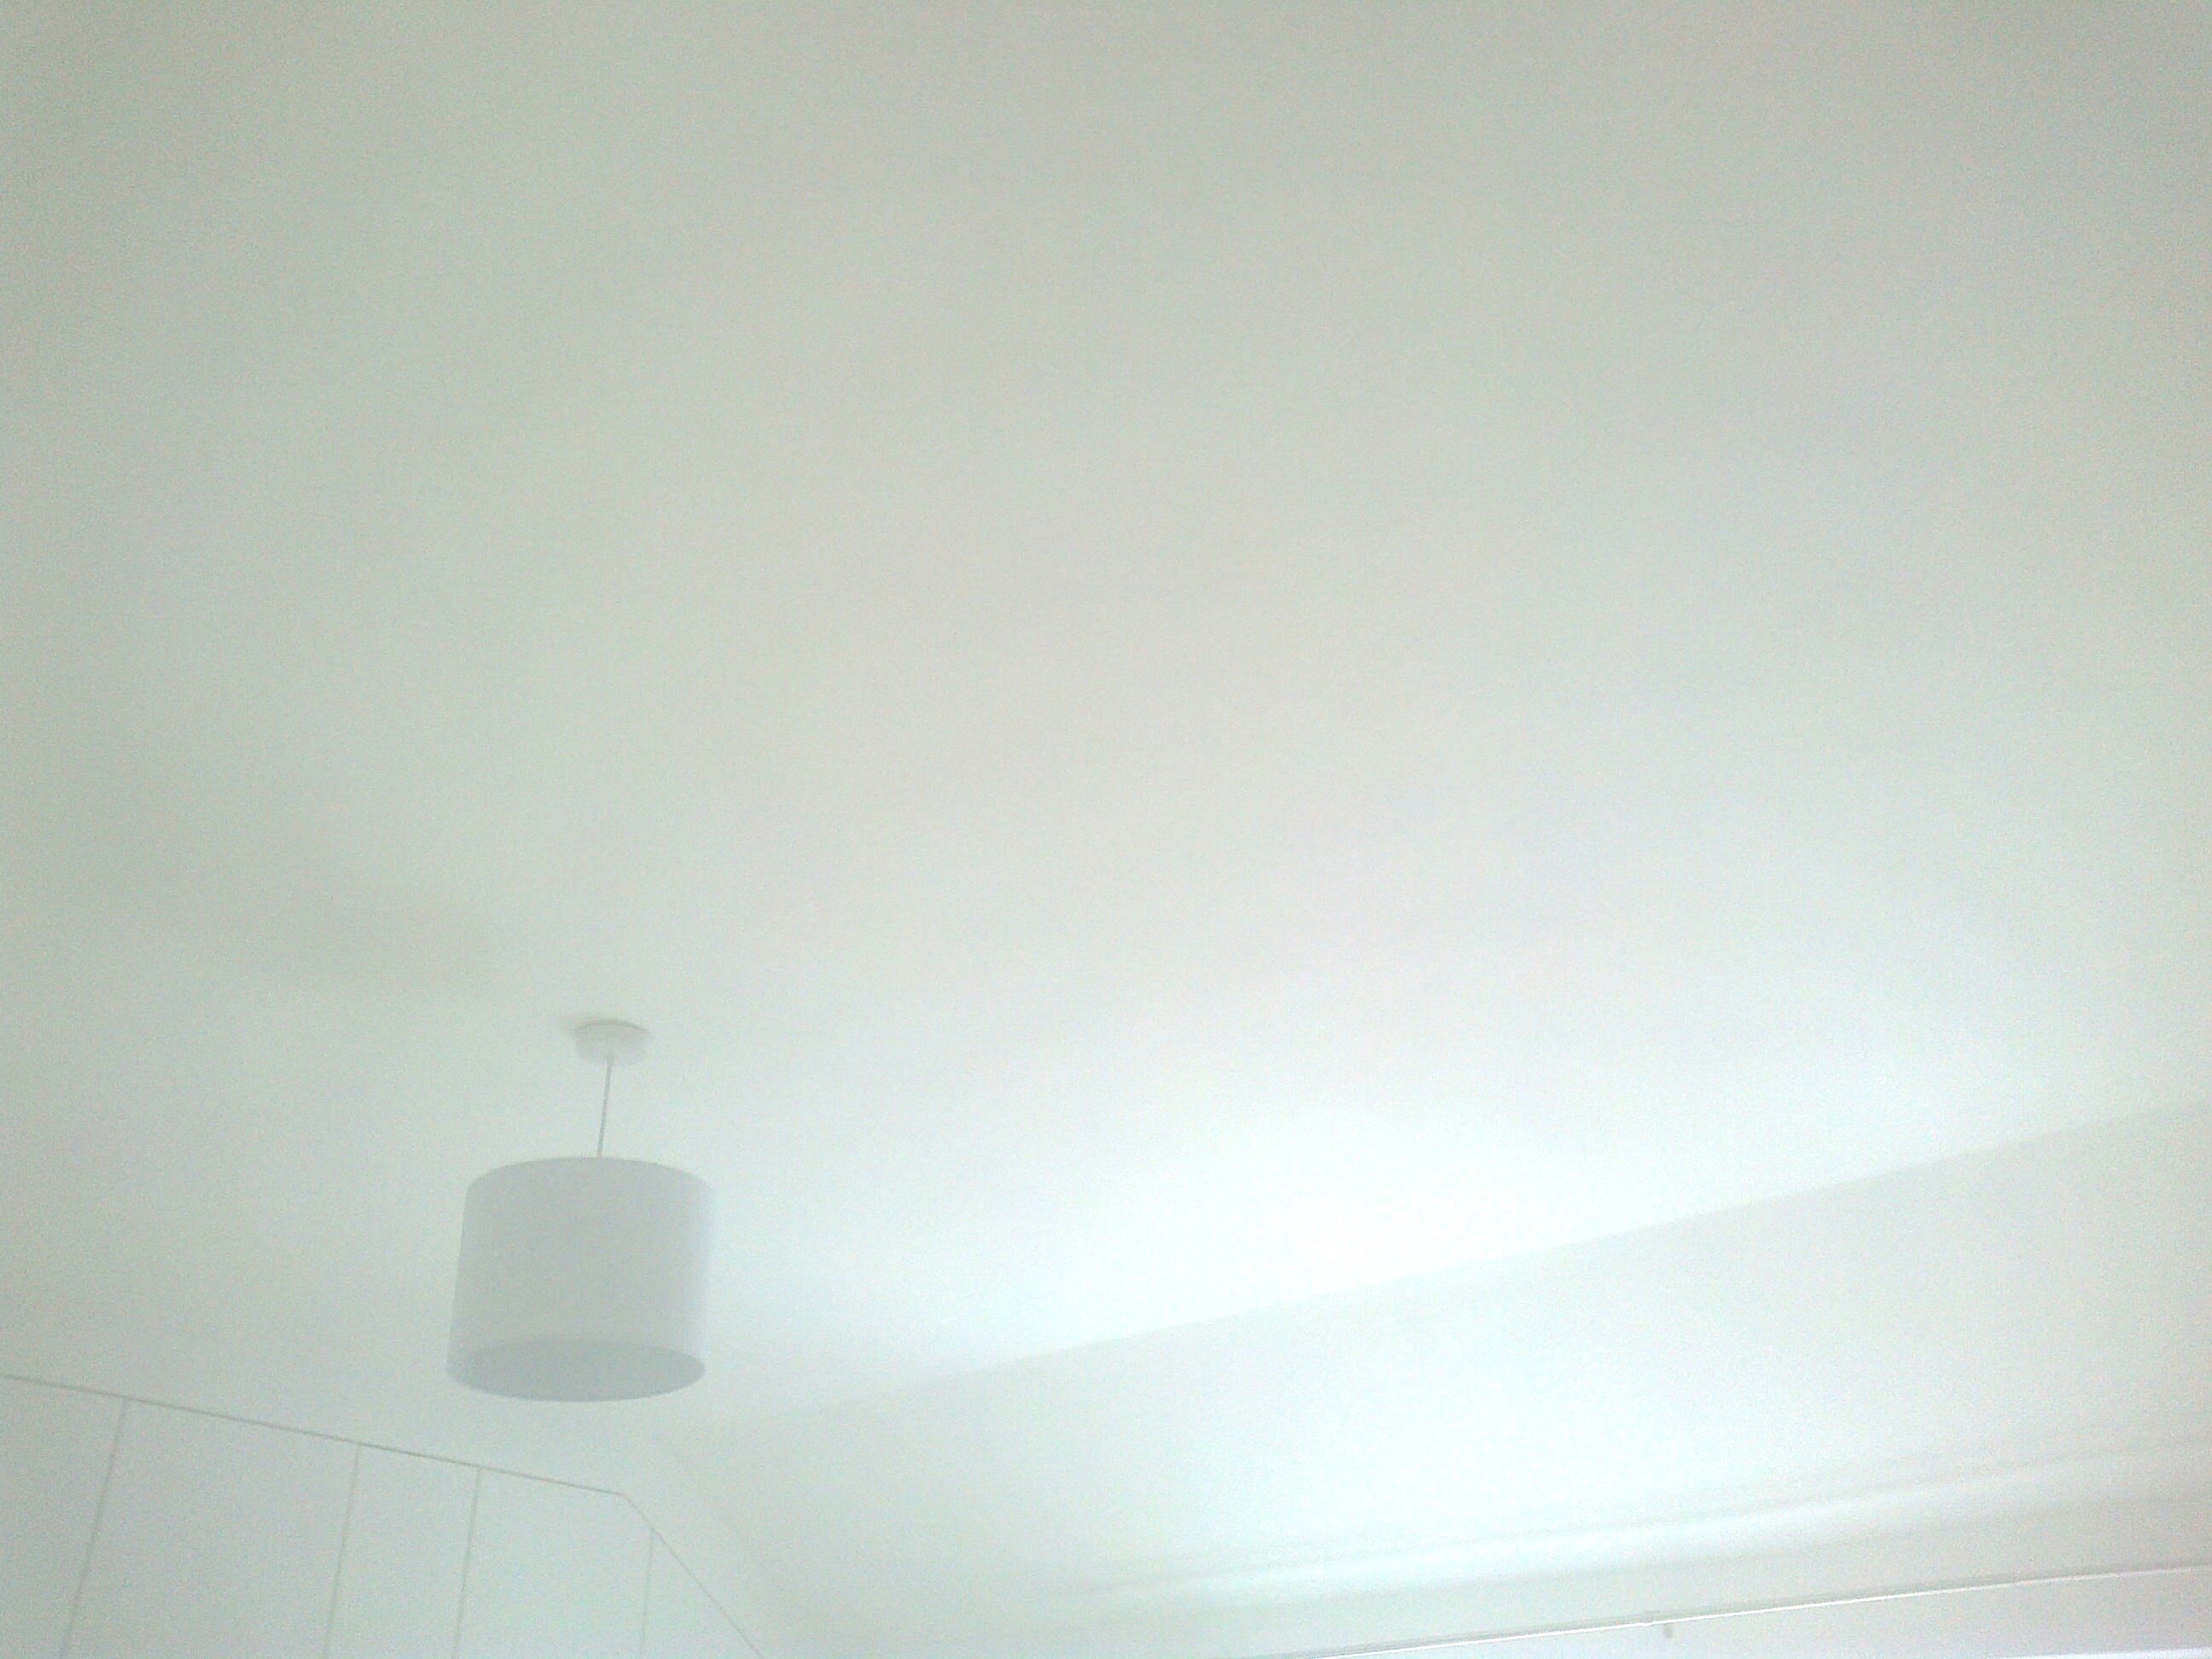 Vaulted ceiling skimmed